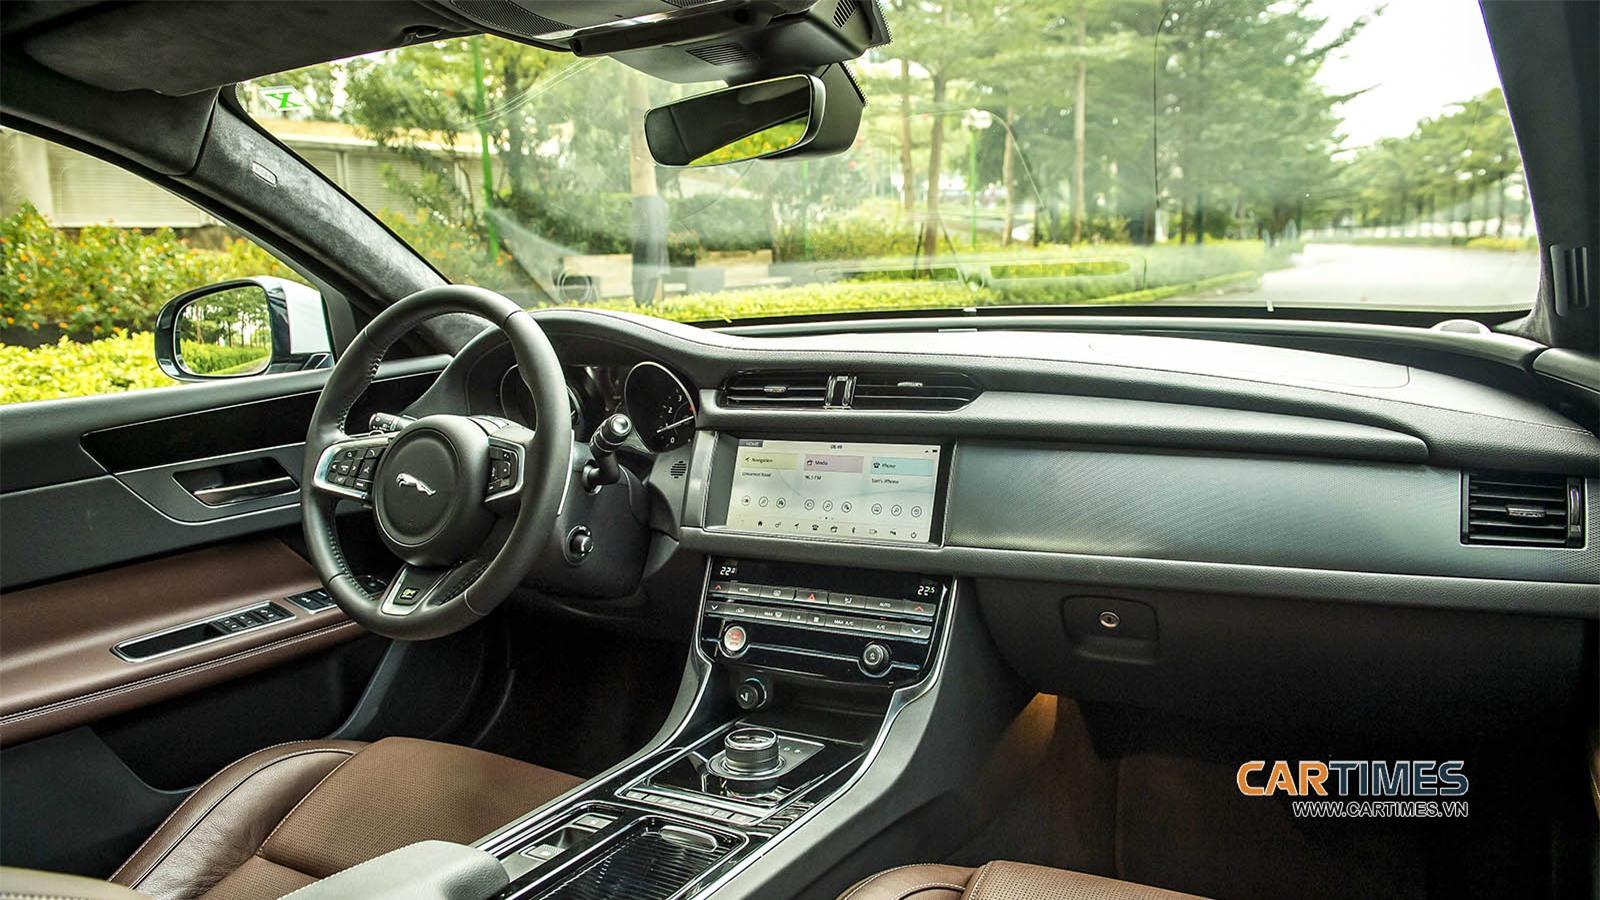 Nội thất xe Jaguar XF